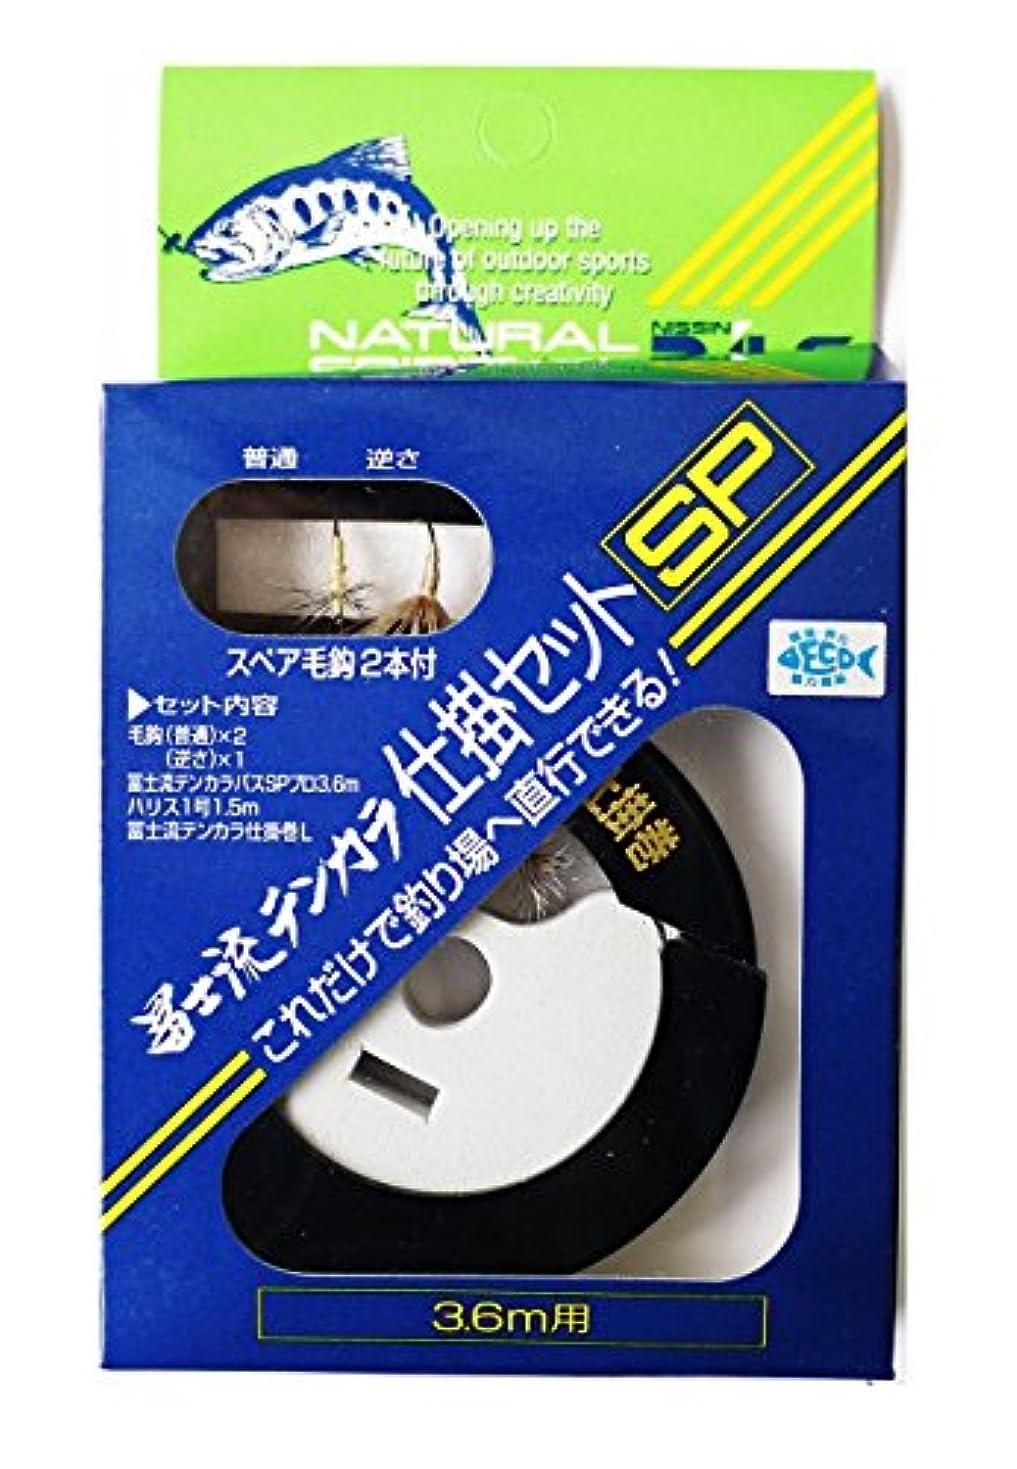 ベッド懲戒光景宇崎日新 テンカラ仕掛け 冨士流テンカラ仕掛セットSP 3.6m